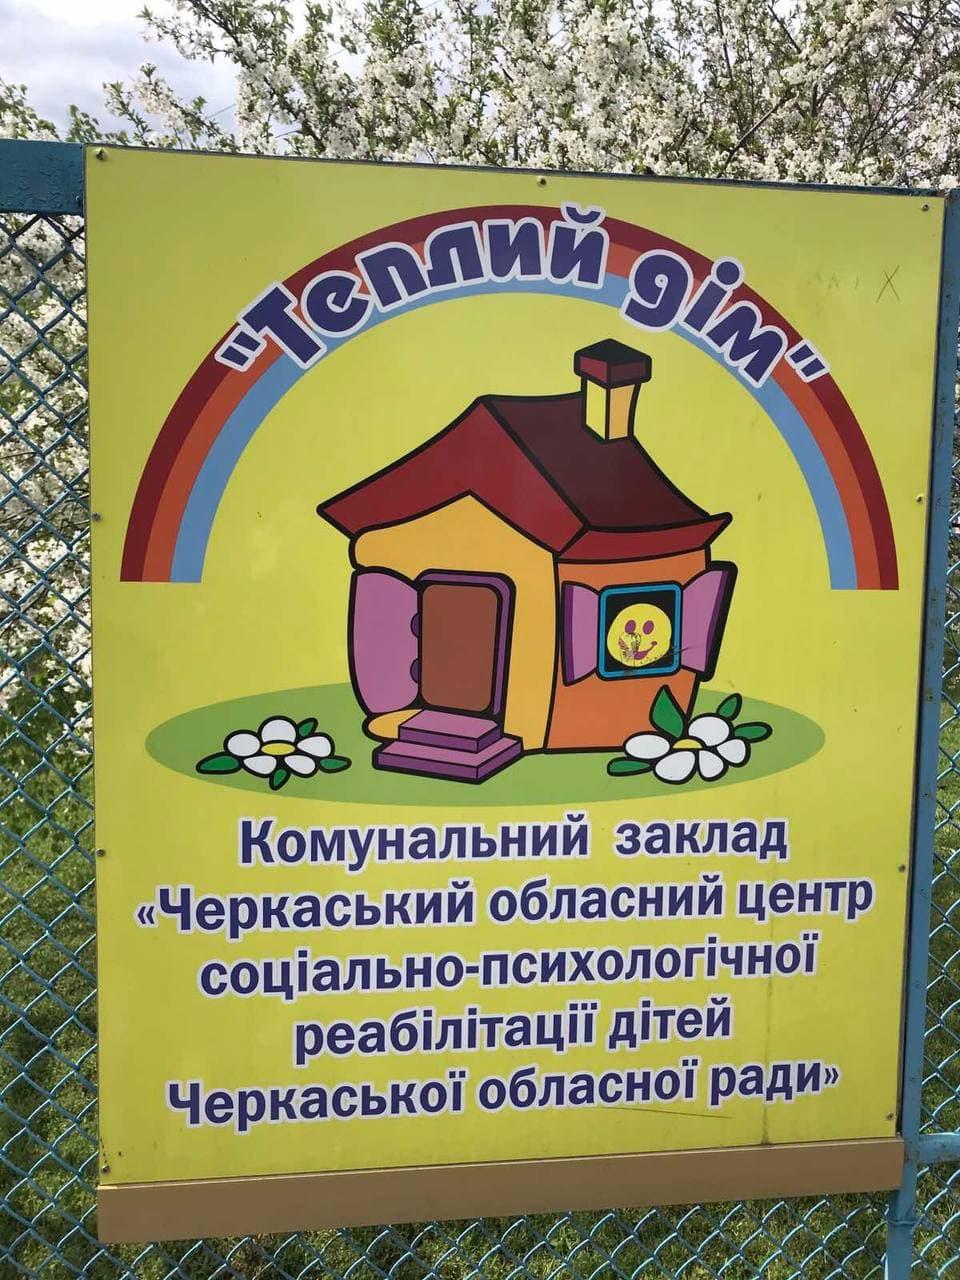 Отдел по благотворительности Черкасской епархии передал наборы для рисования в «Черкасский областной центр социально-психологической реабилитации детей»